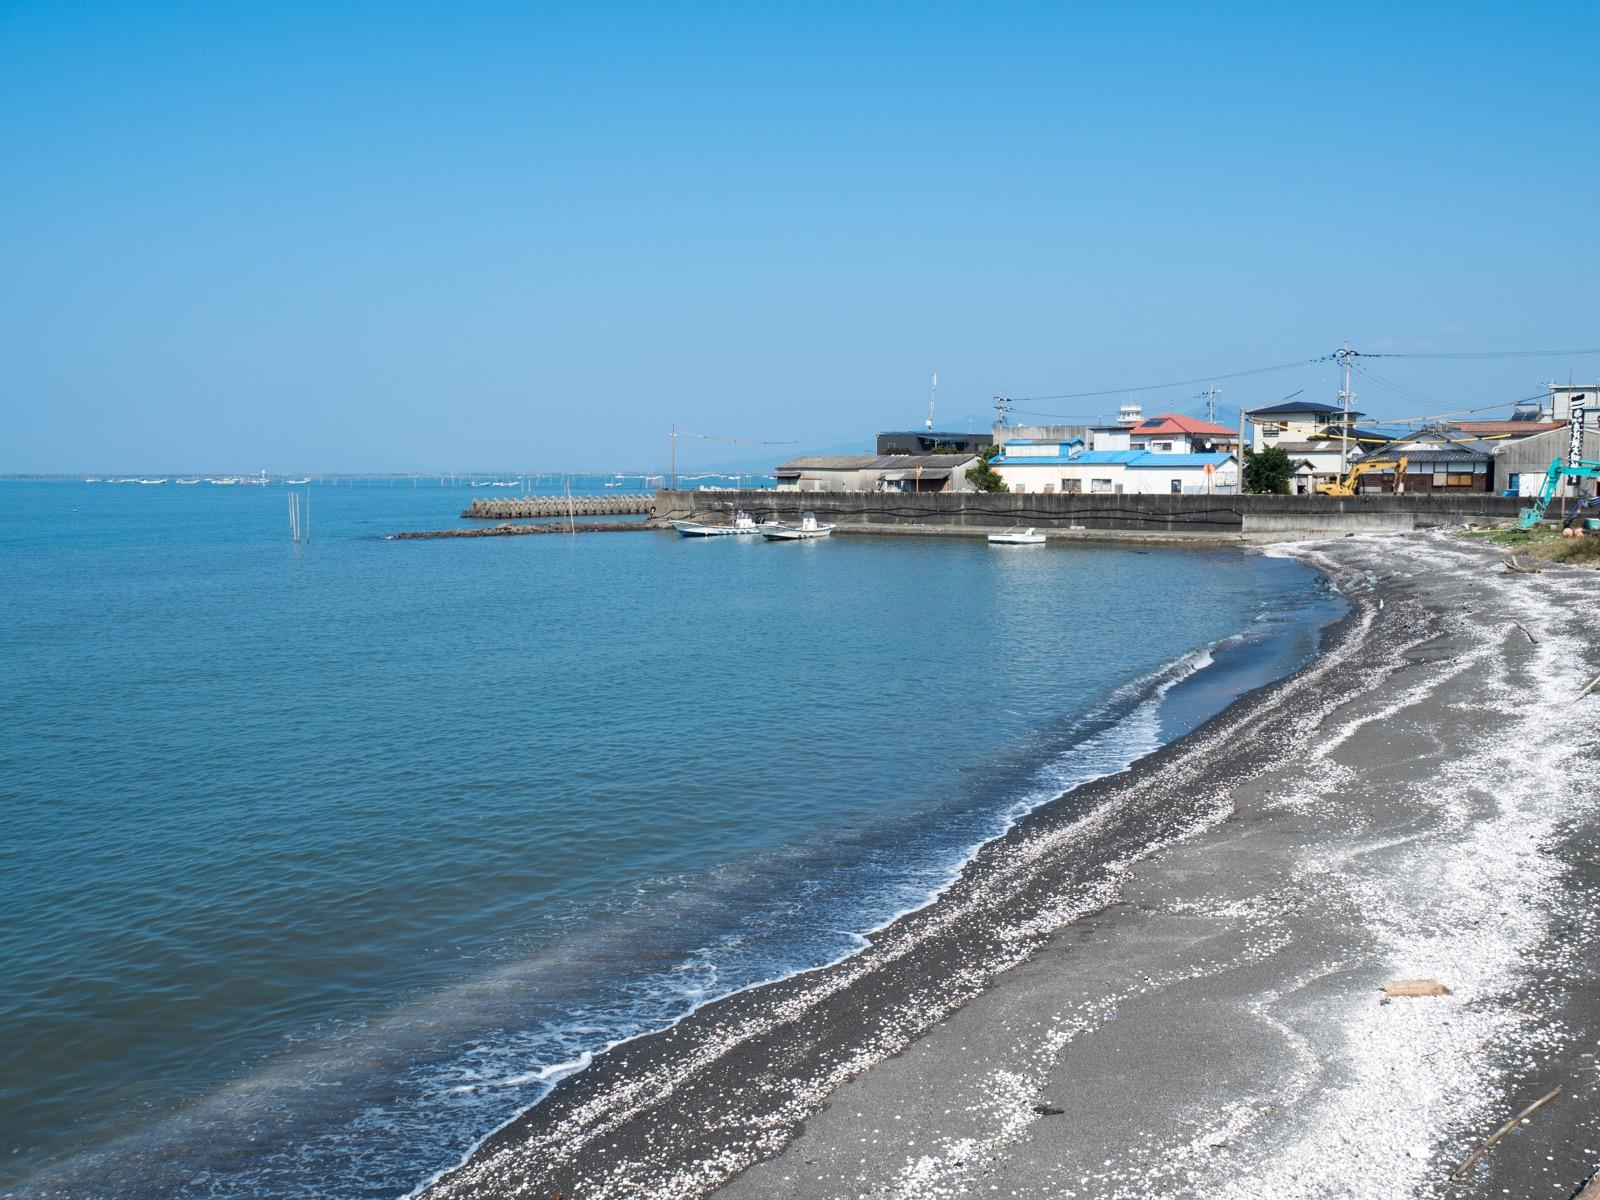 長浜海岸(肥後長浜潮干狩り場)